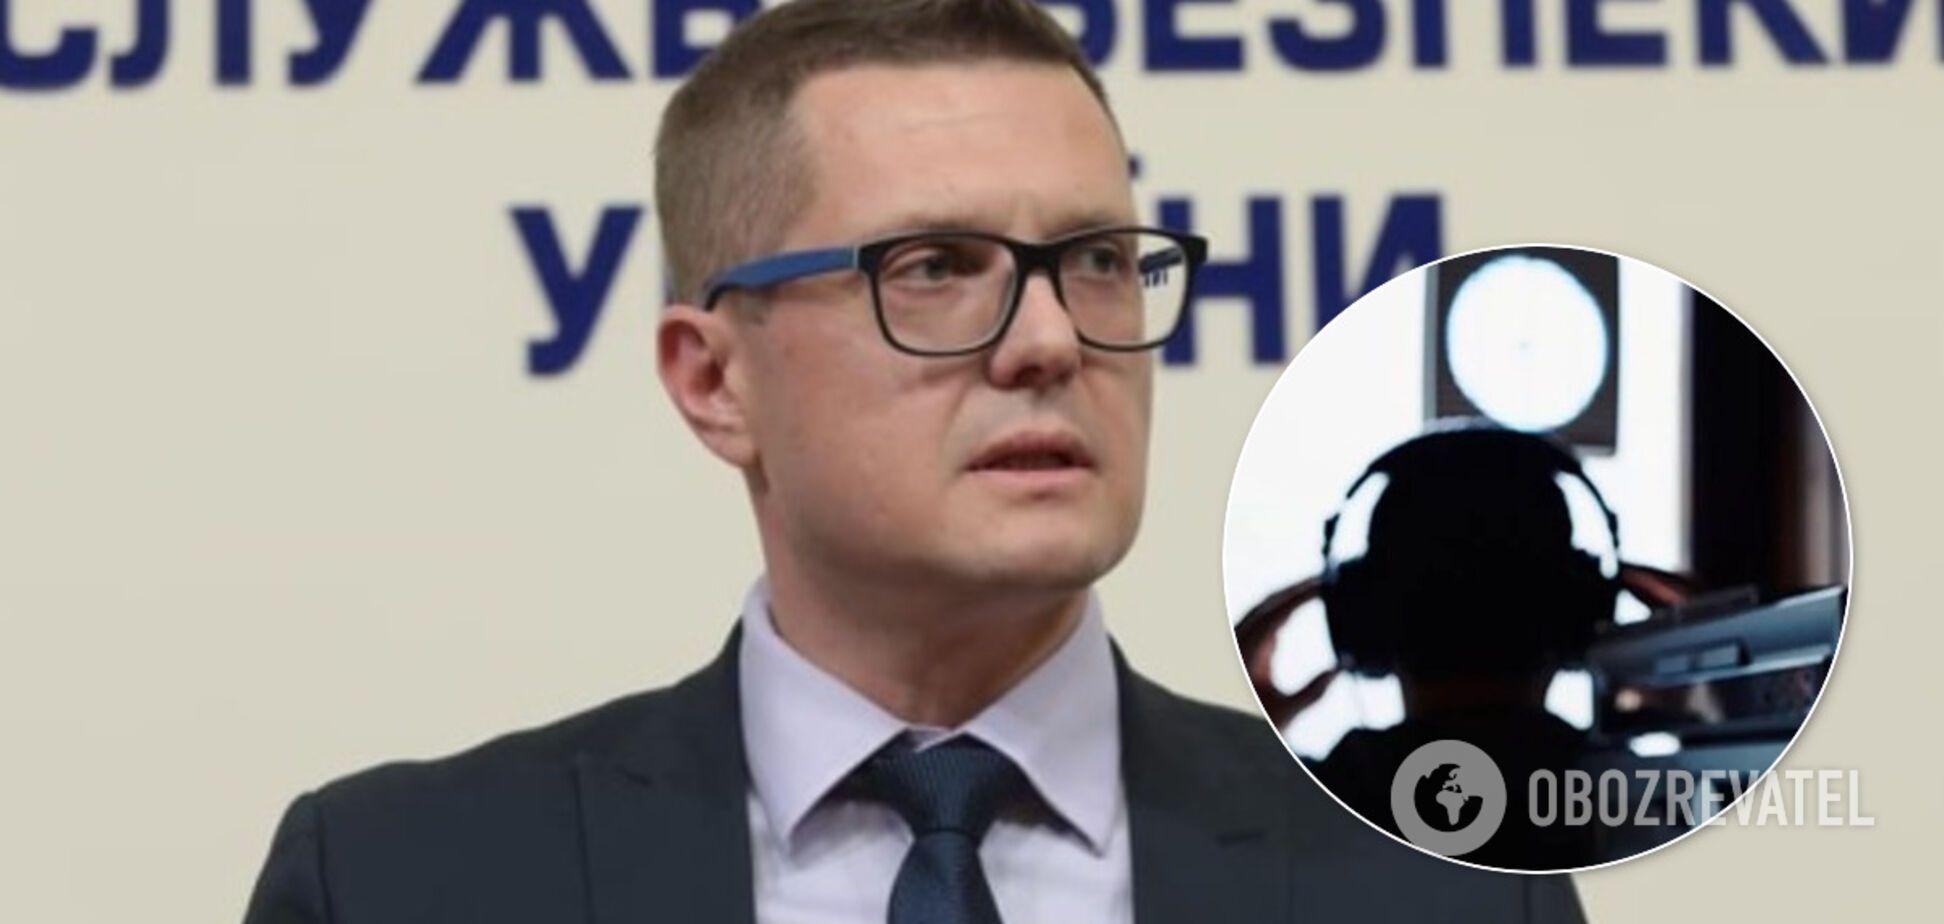 У кабінеті глави СБУ Баканова знайдено 'прослушку' – Дубінський